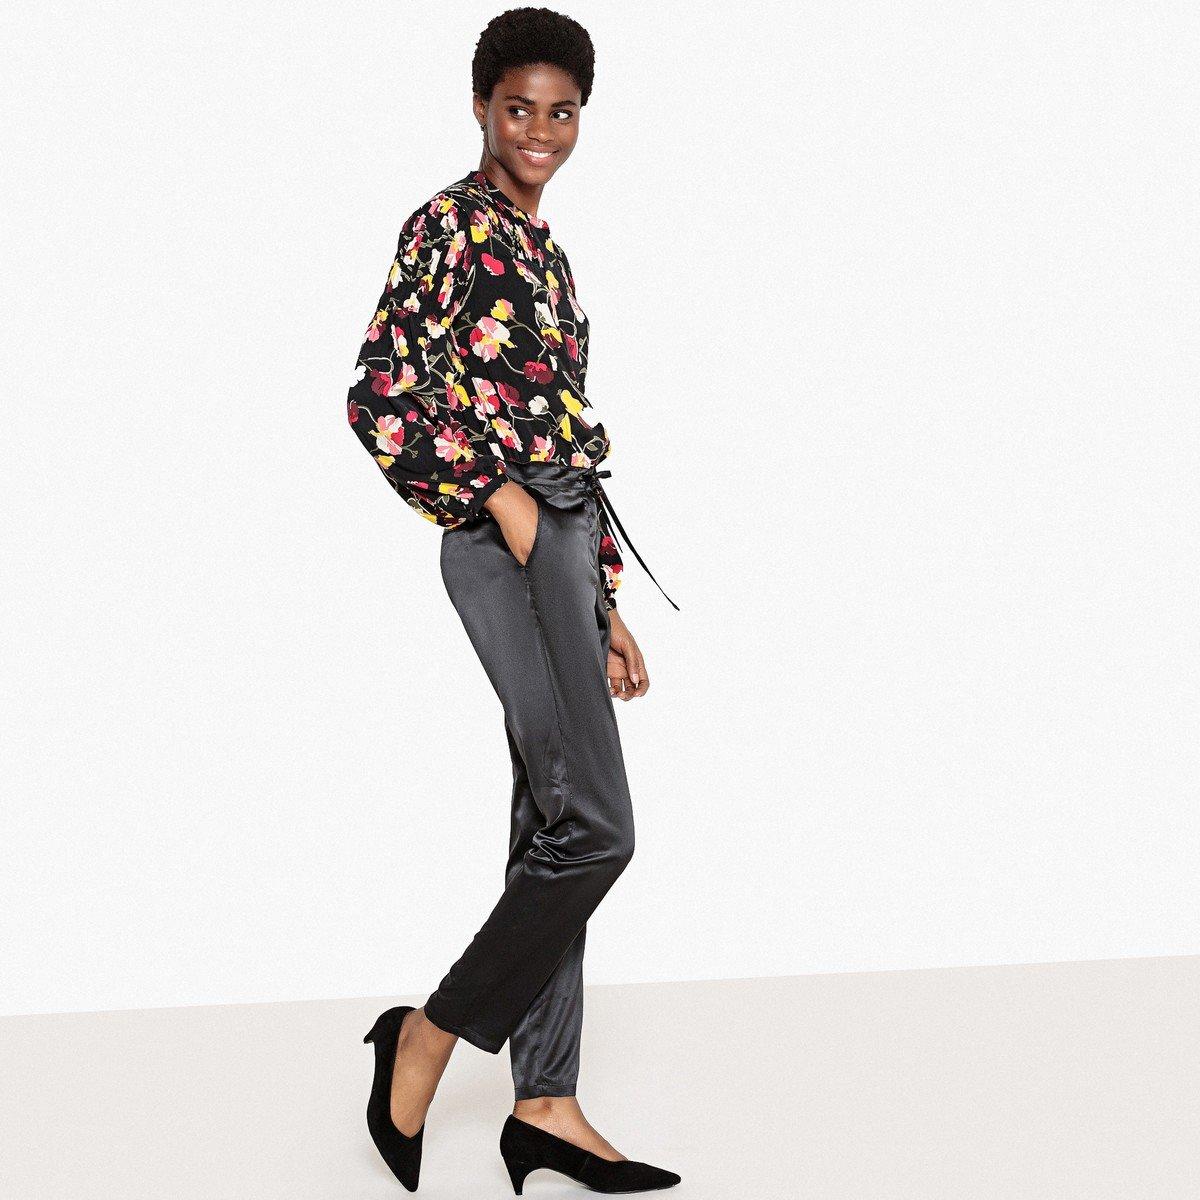 Комбинезон La Redoute С эффектом в из блузки с рисунком и брюк 44 (FR) - 50 (RUS) черный